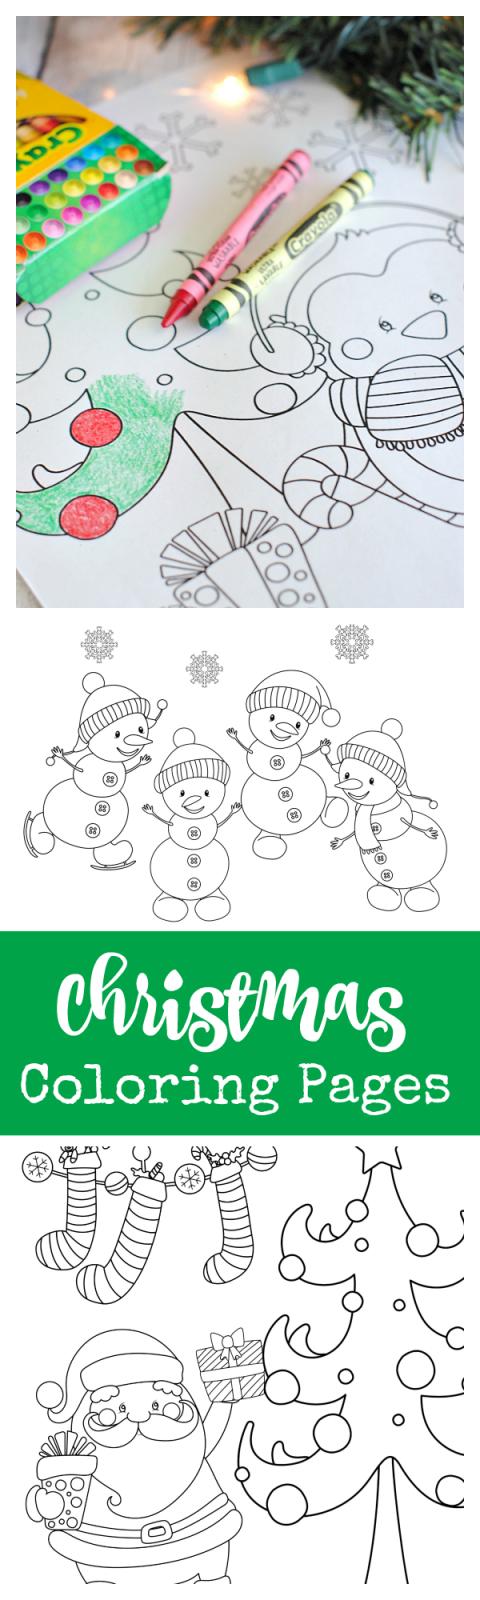 Free Printable Christmas Coloring Pages | Navidad, Colorear y ...